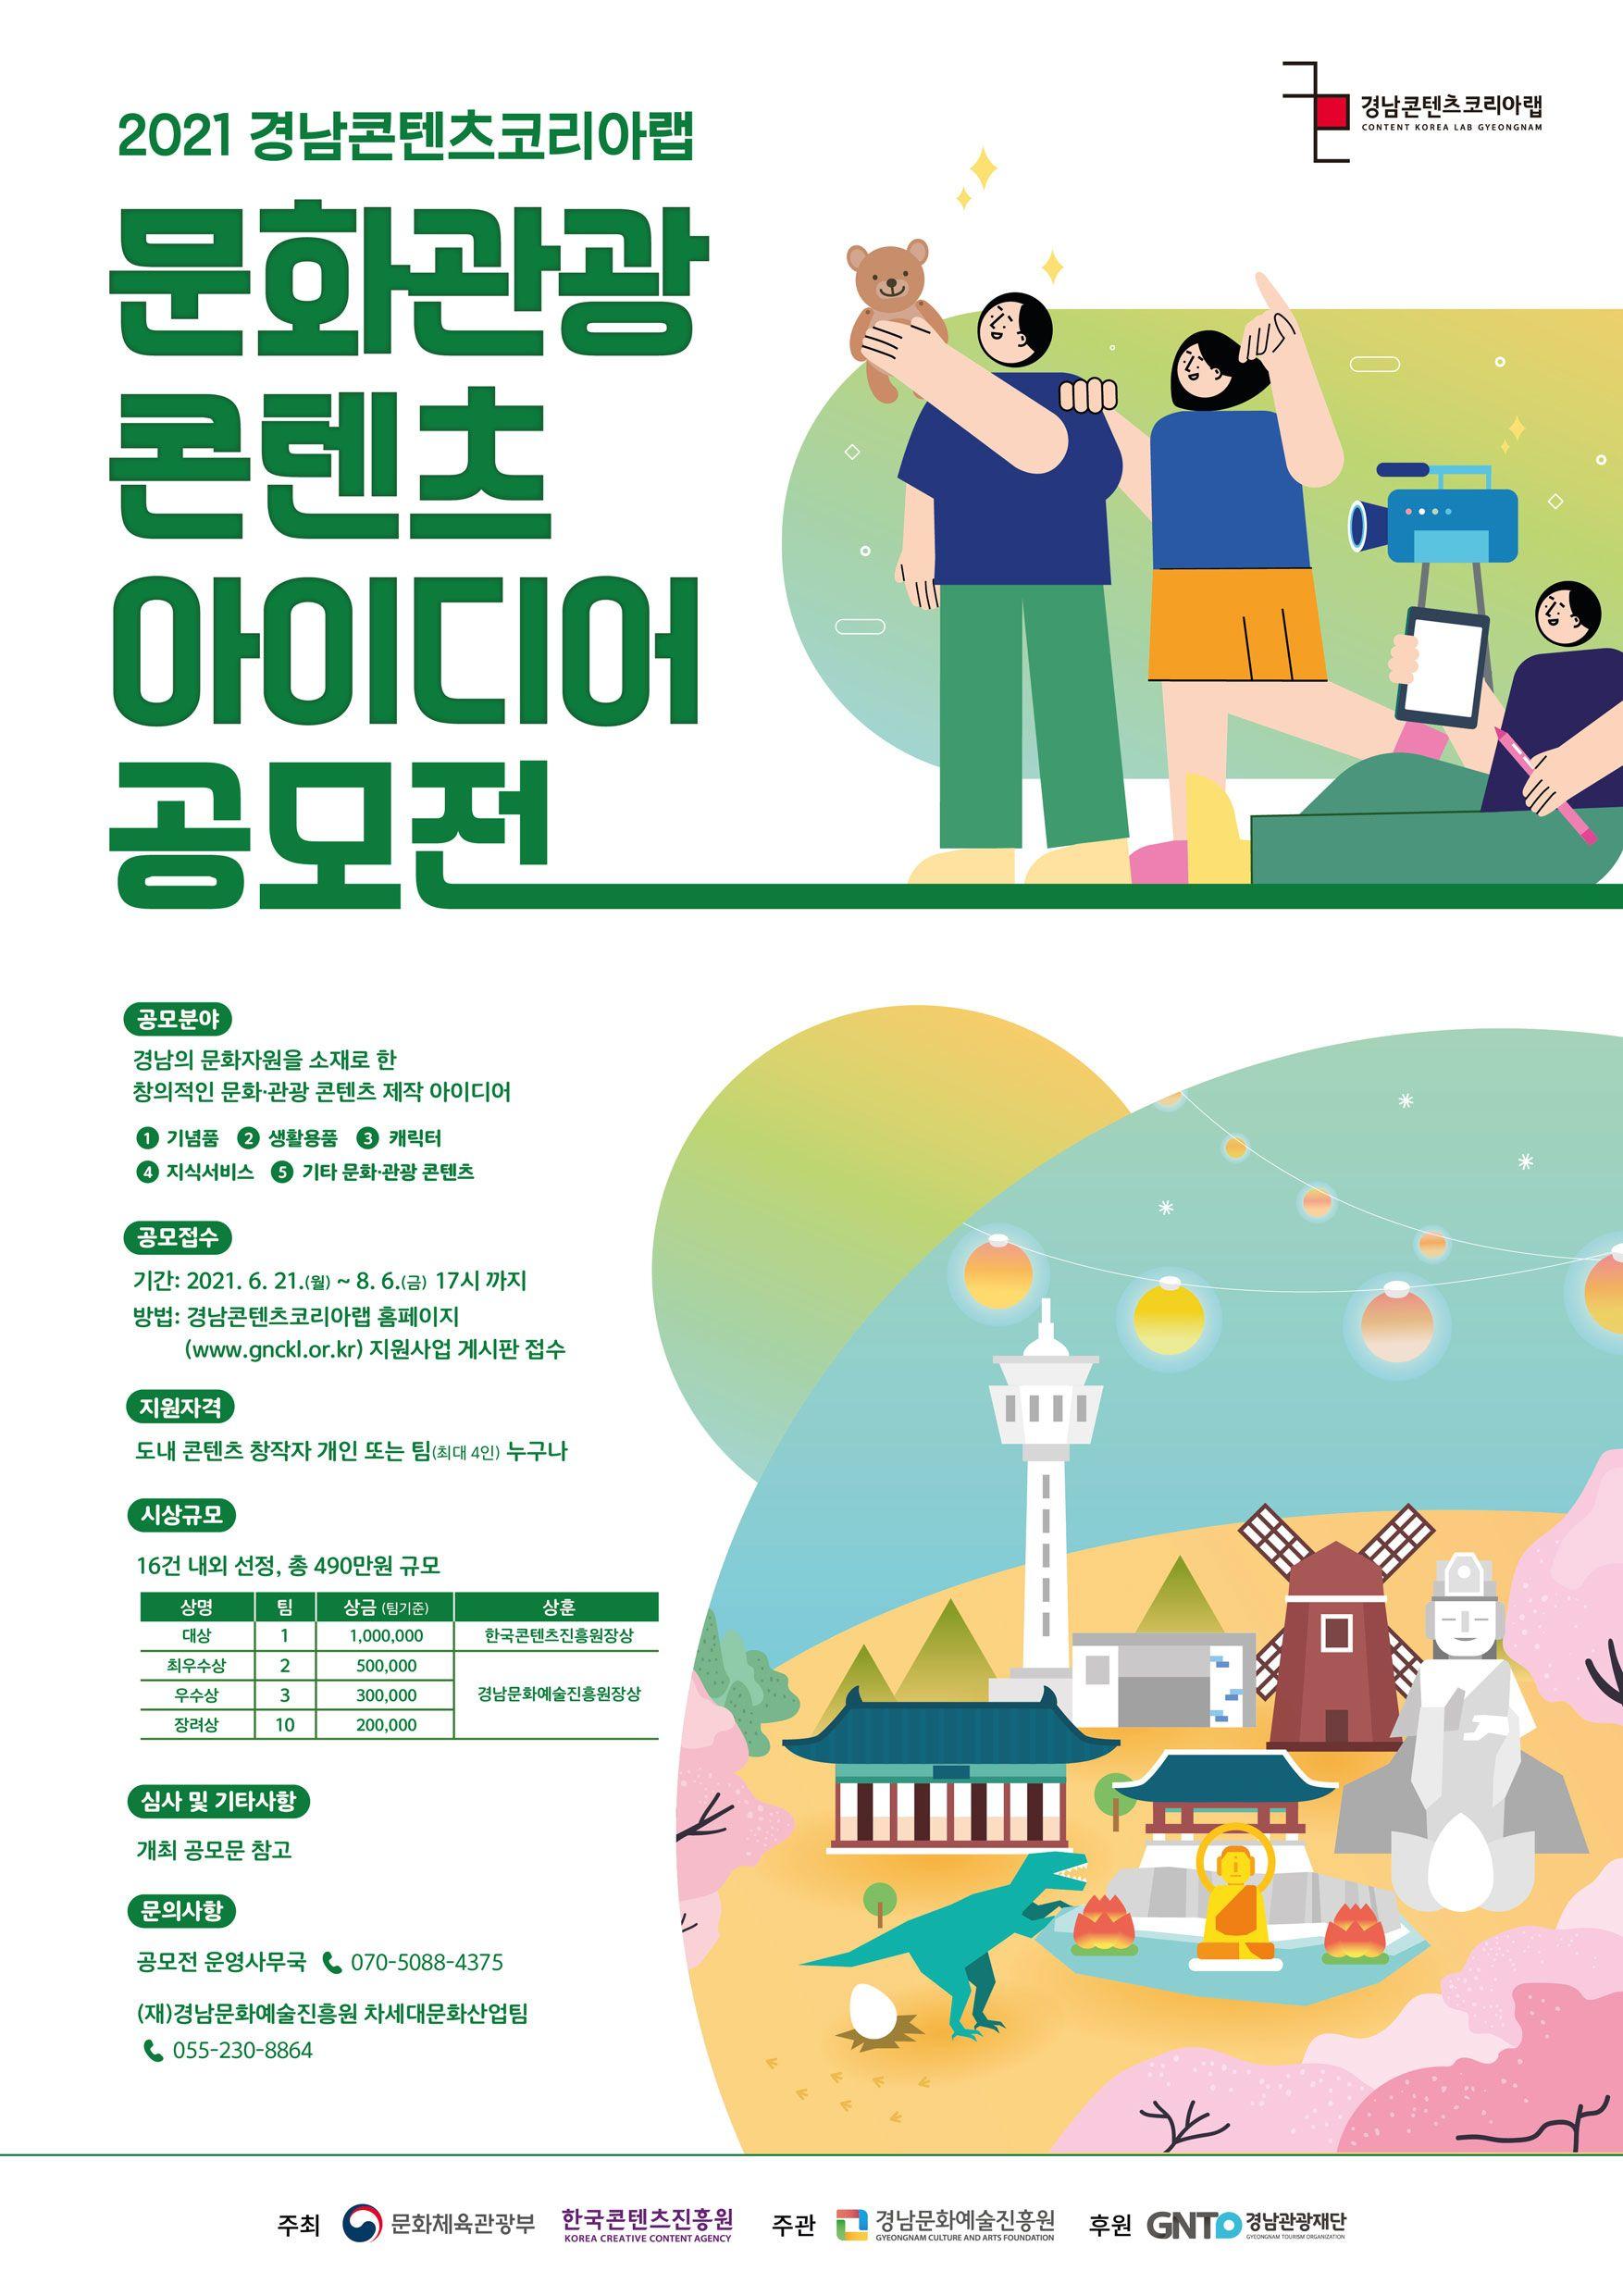 2021년 경남CKL 문화관광 콘텐츠 아이디어 공모전